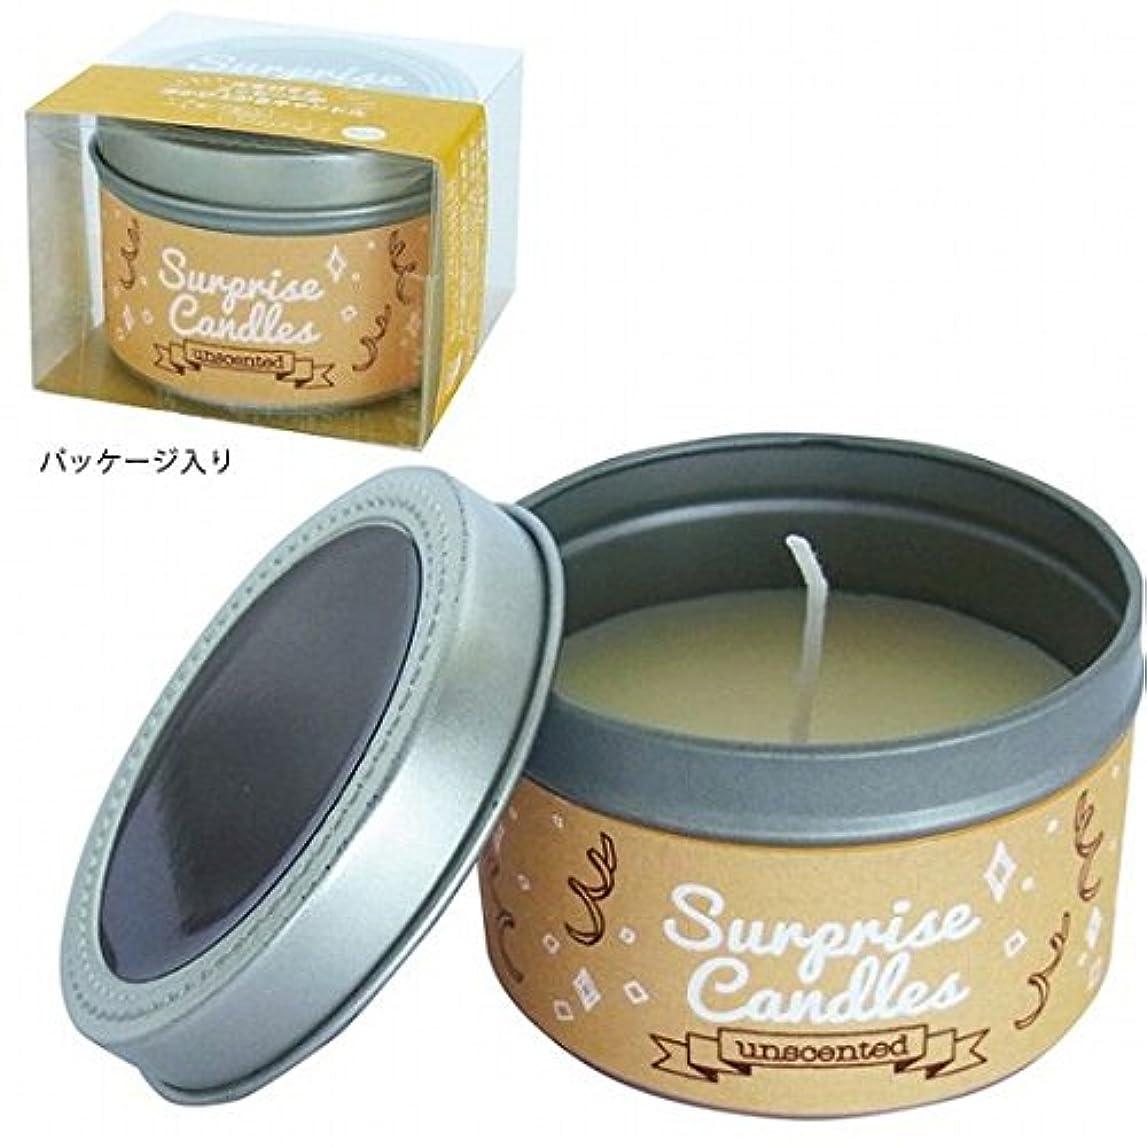 時間とともに補体本質的ではないkameyama candle(カメヤマキャンドル) サプライズキャンドル 「無香」(A207005010)